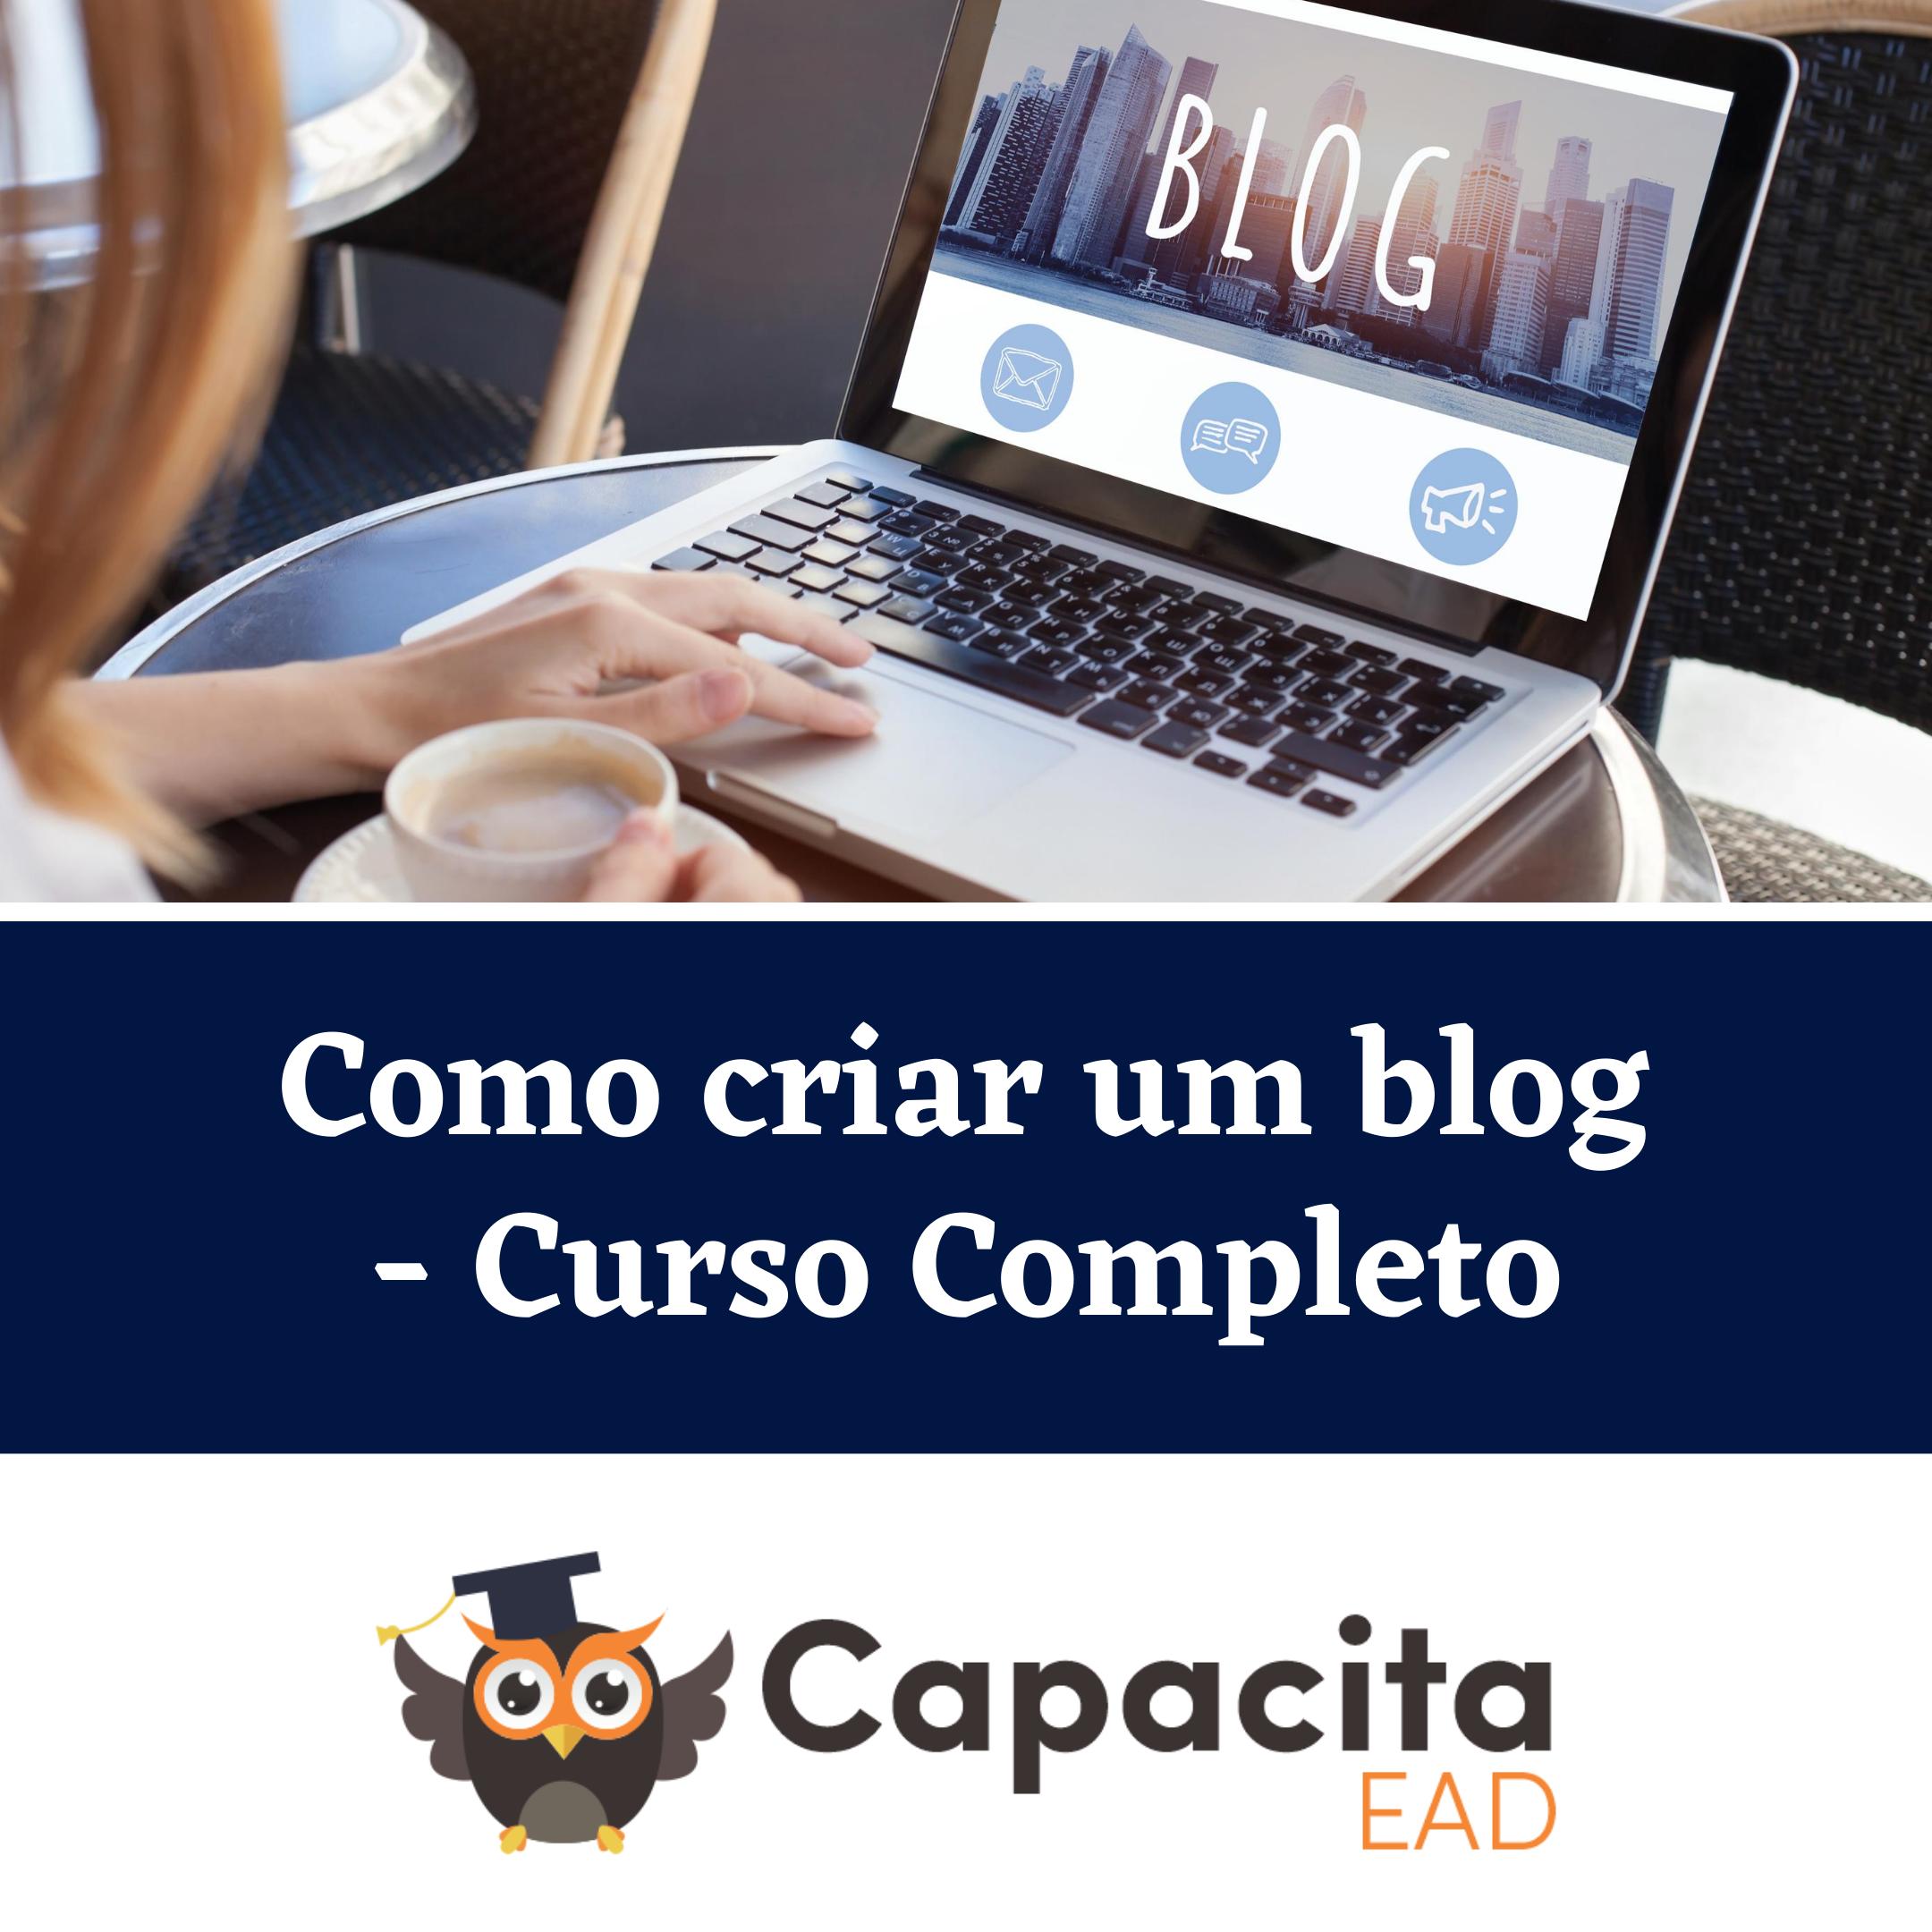 Como criar um blog - Curso Completo